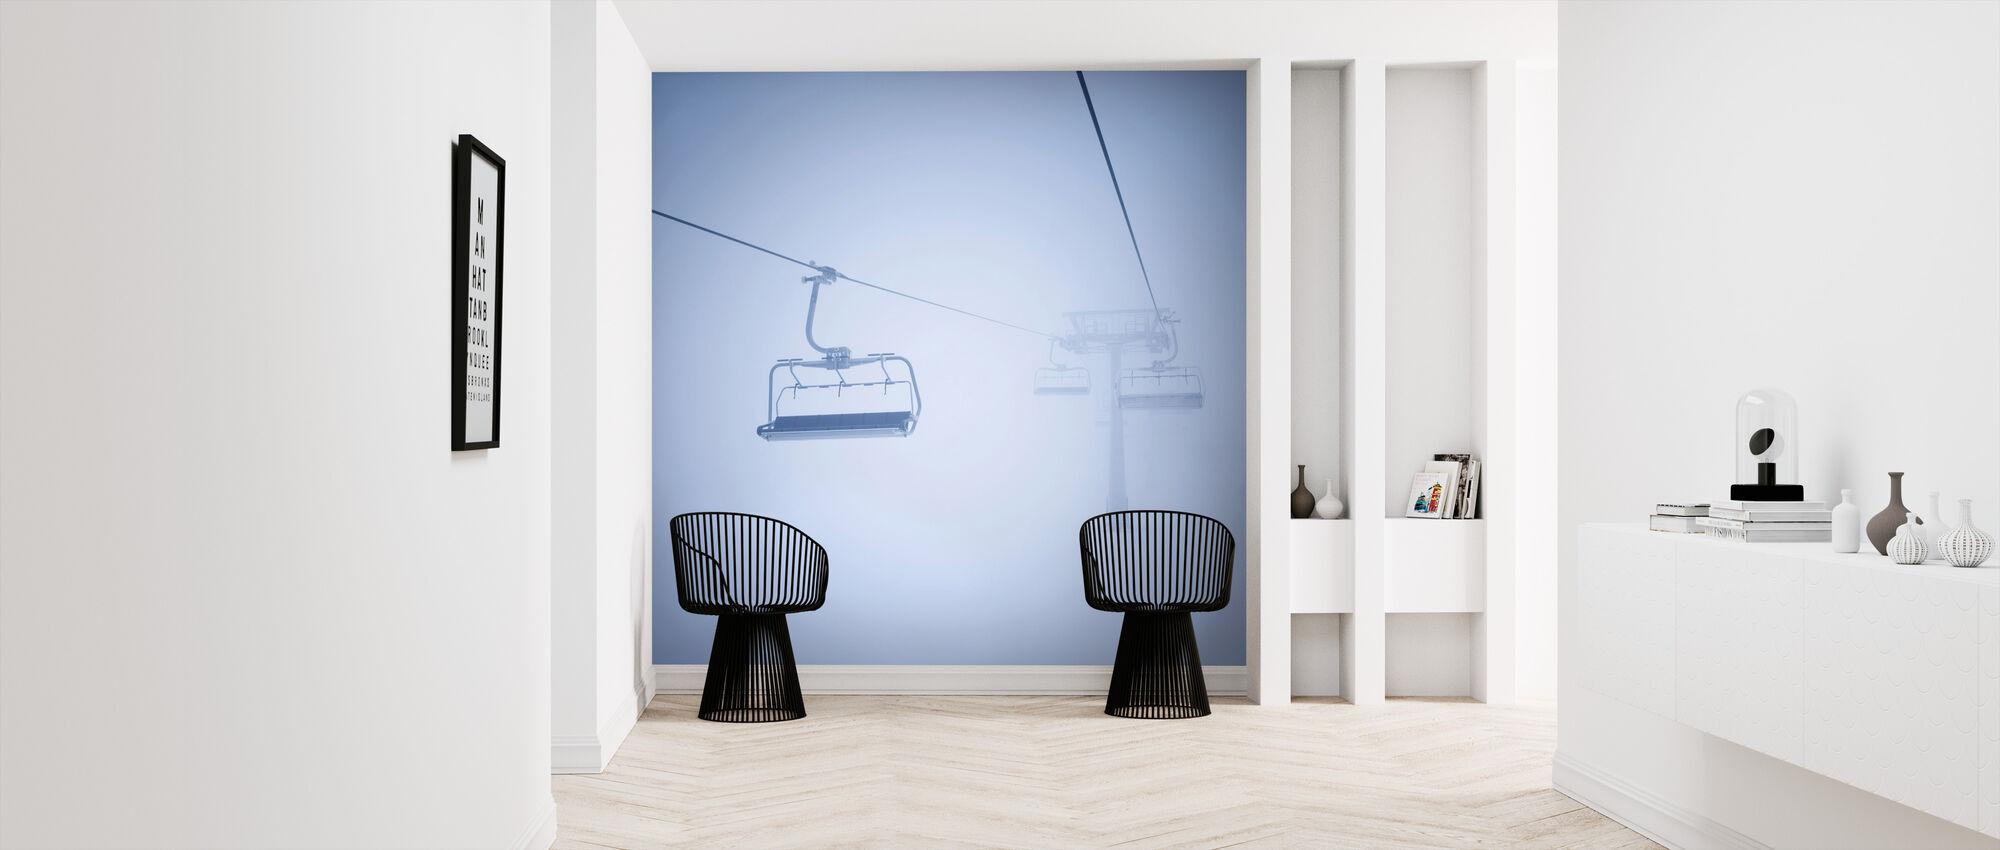 Ski Lifts - Wallpaper - Hallway